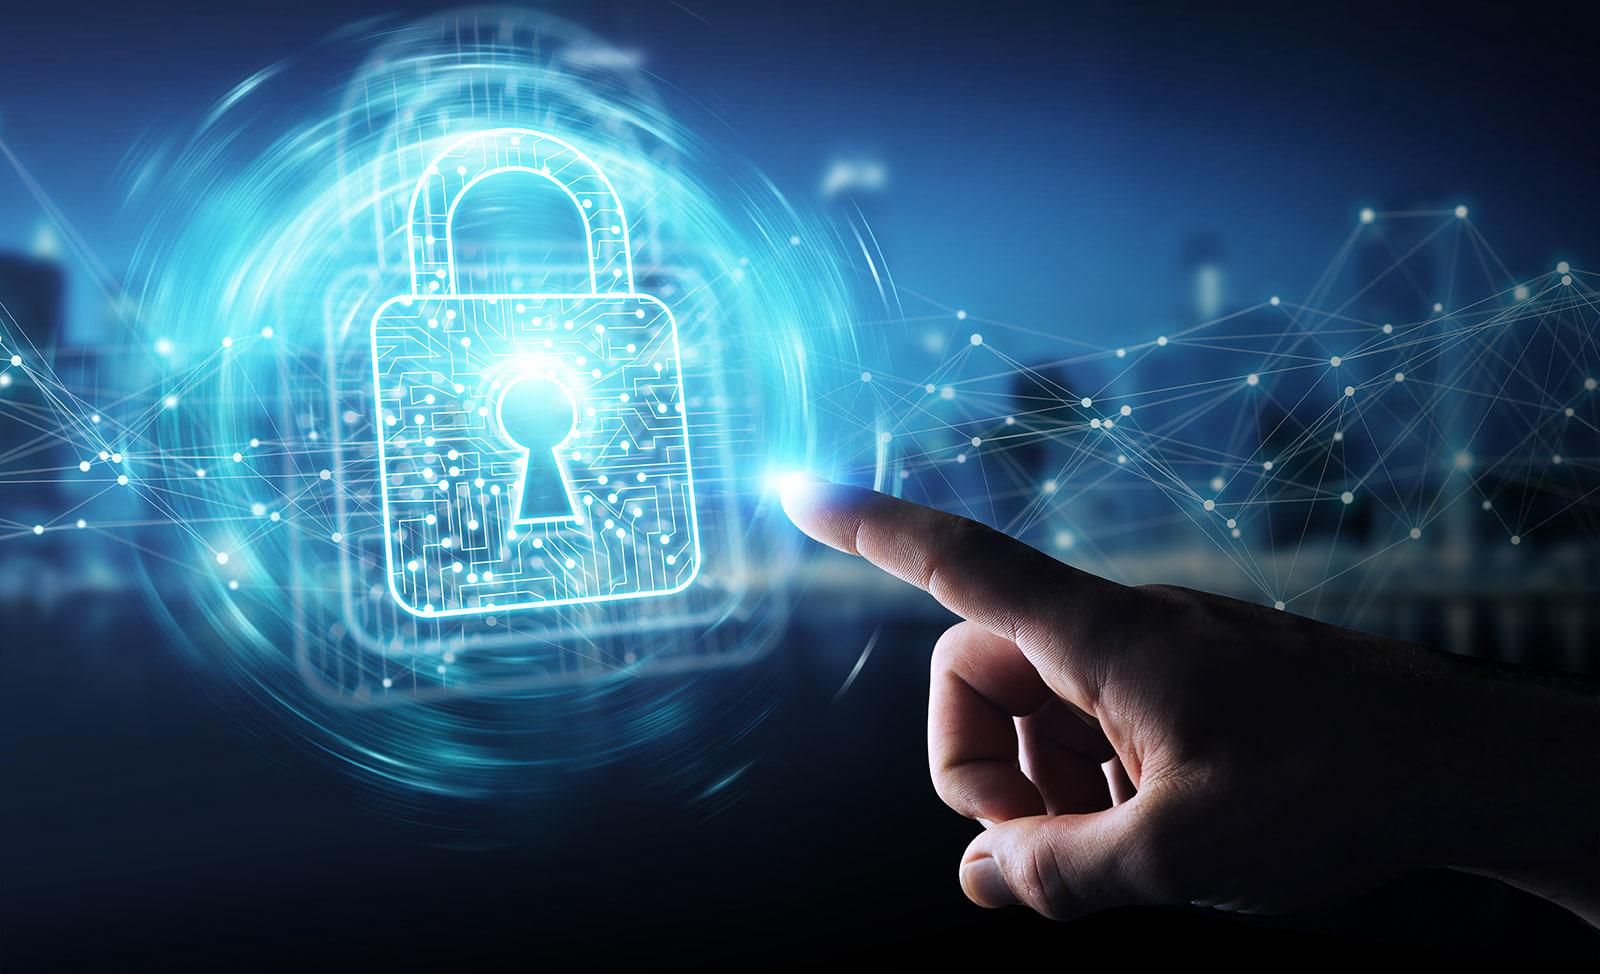 Die neue EU-Grundverordnung für den Datenschutz tritt ab dem 25. Mai 2018 in Kraft